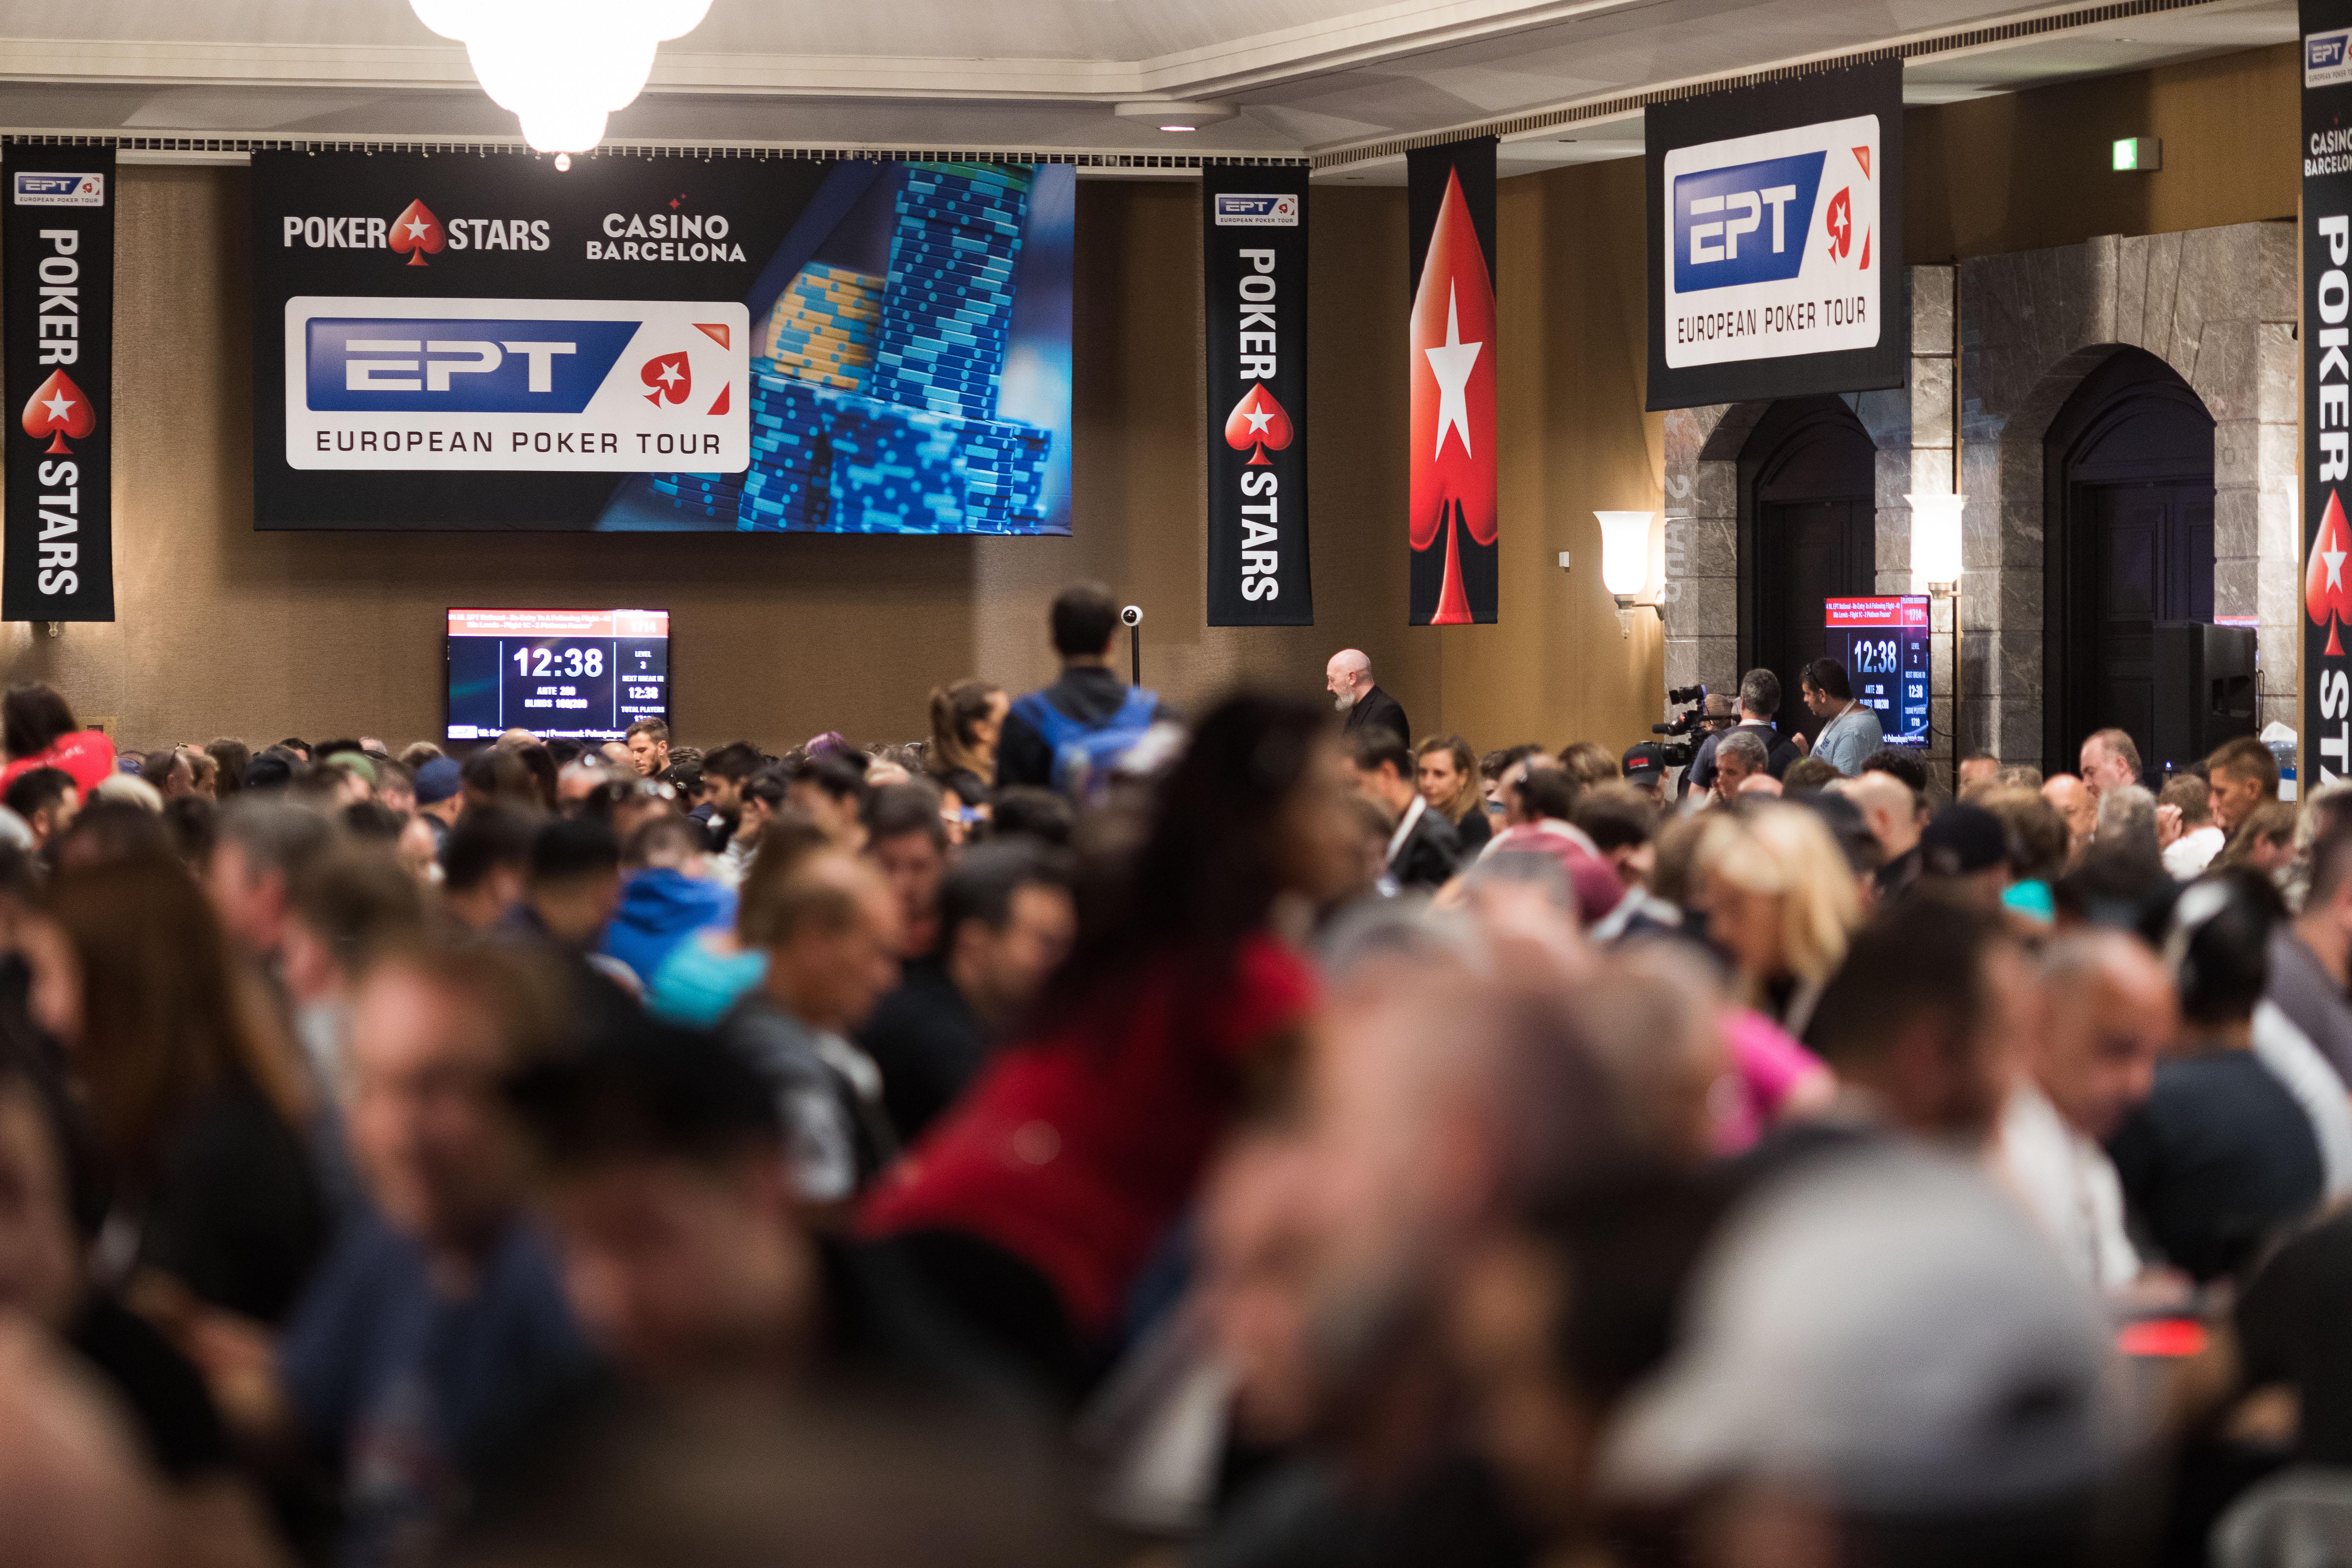 european poker tour madrid 2019